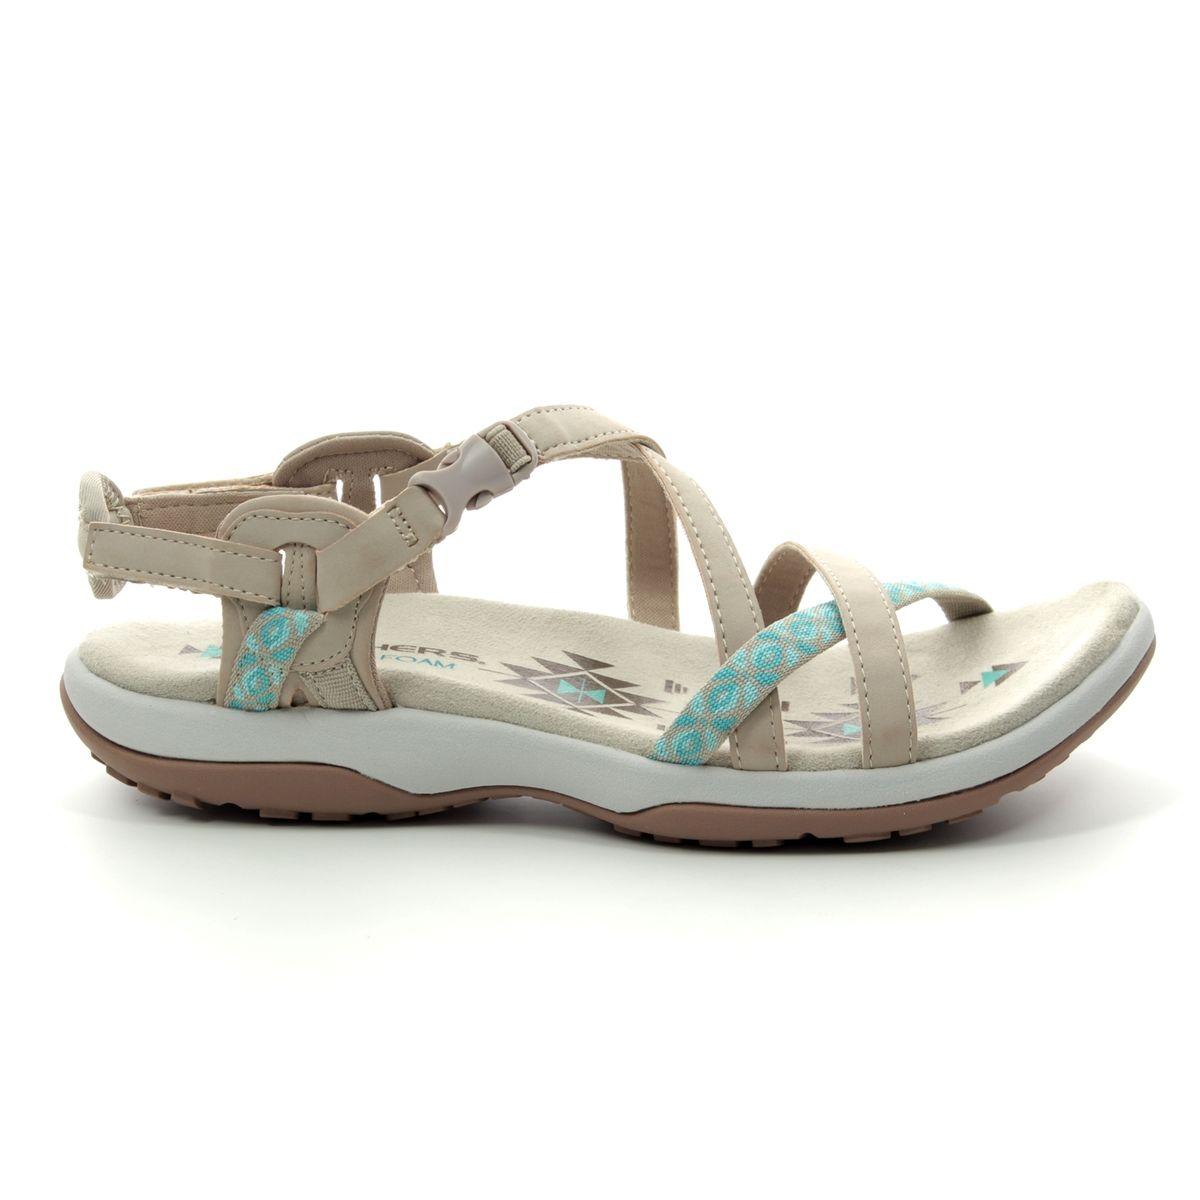 skechers ladies walking sandals Sale,up